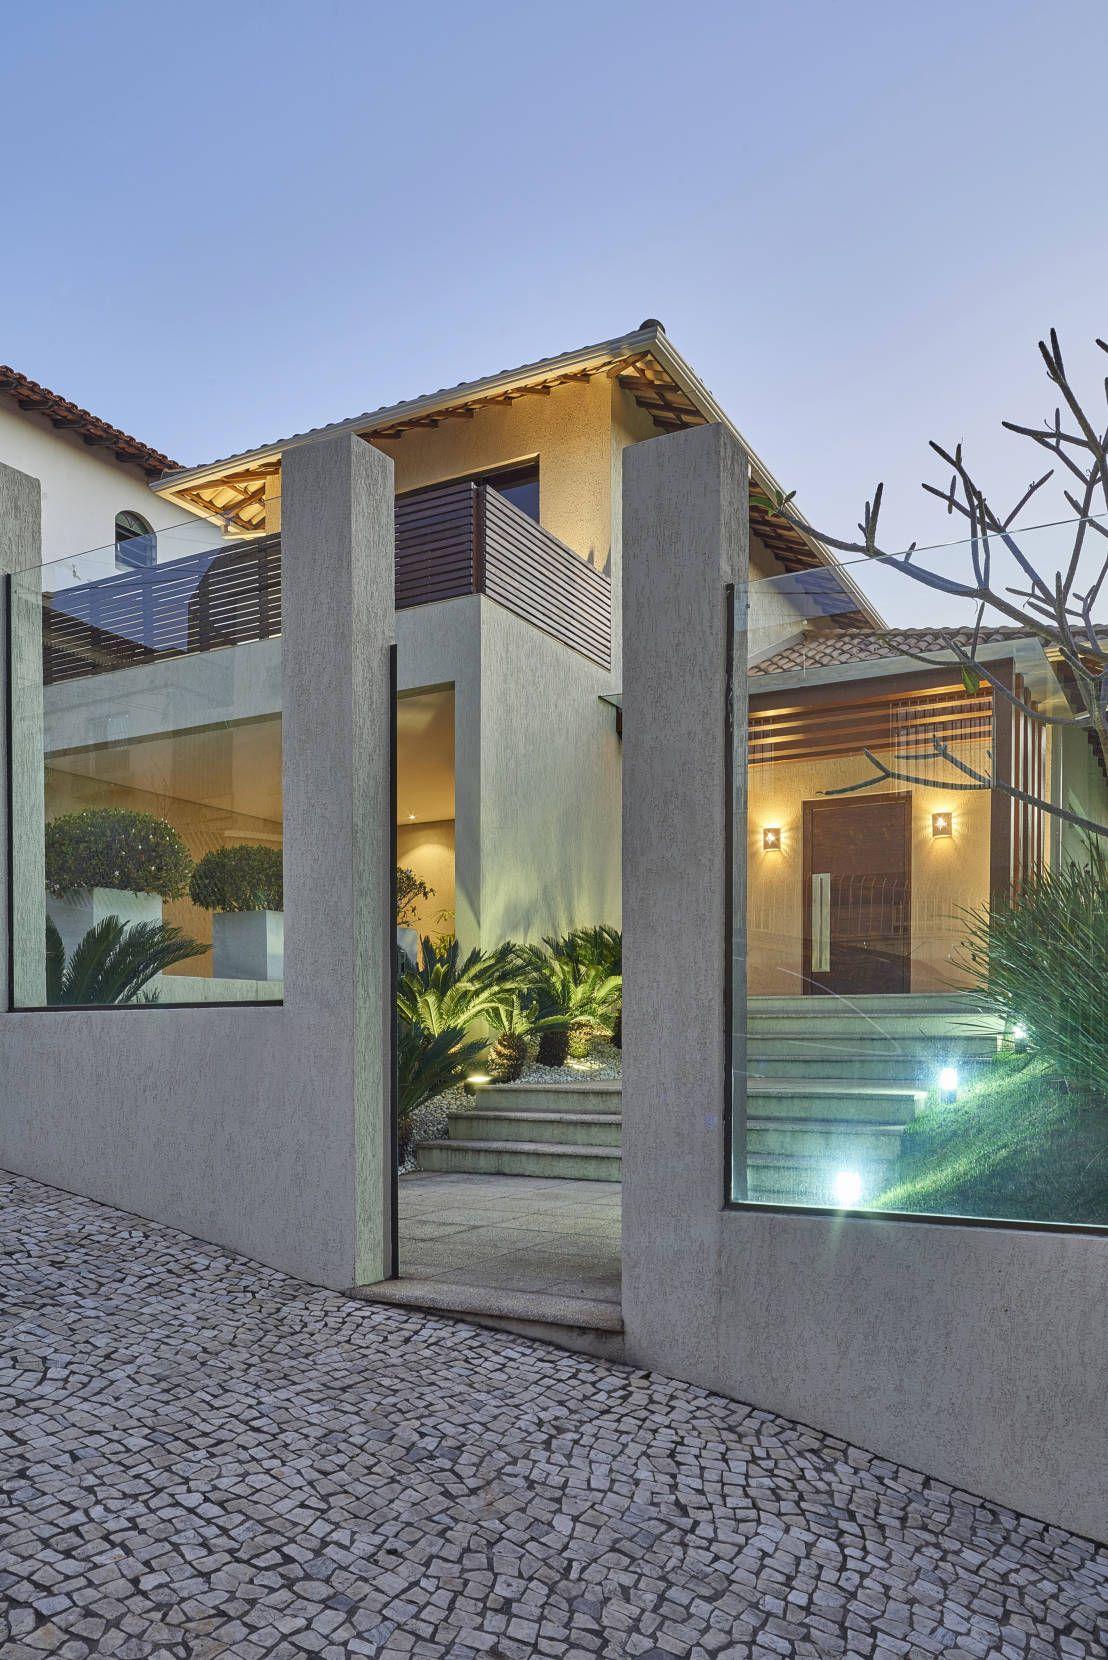 Nett von au en gro artig von innen purer luxus for Haus design innen